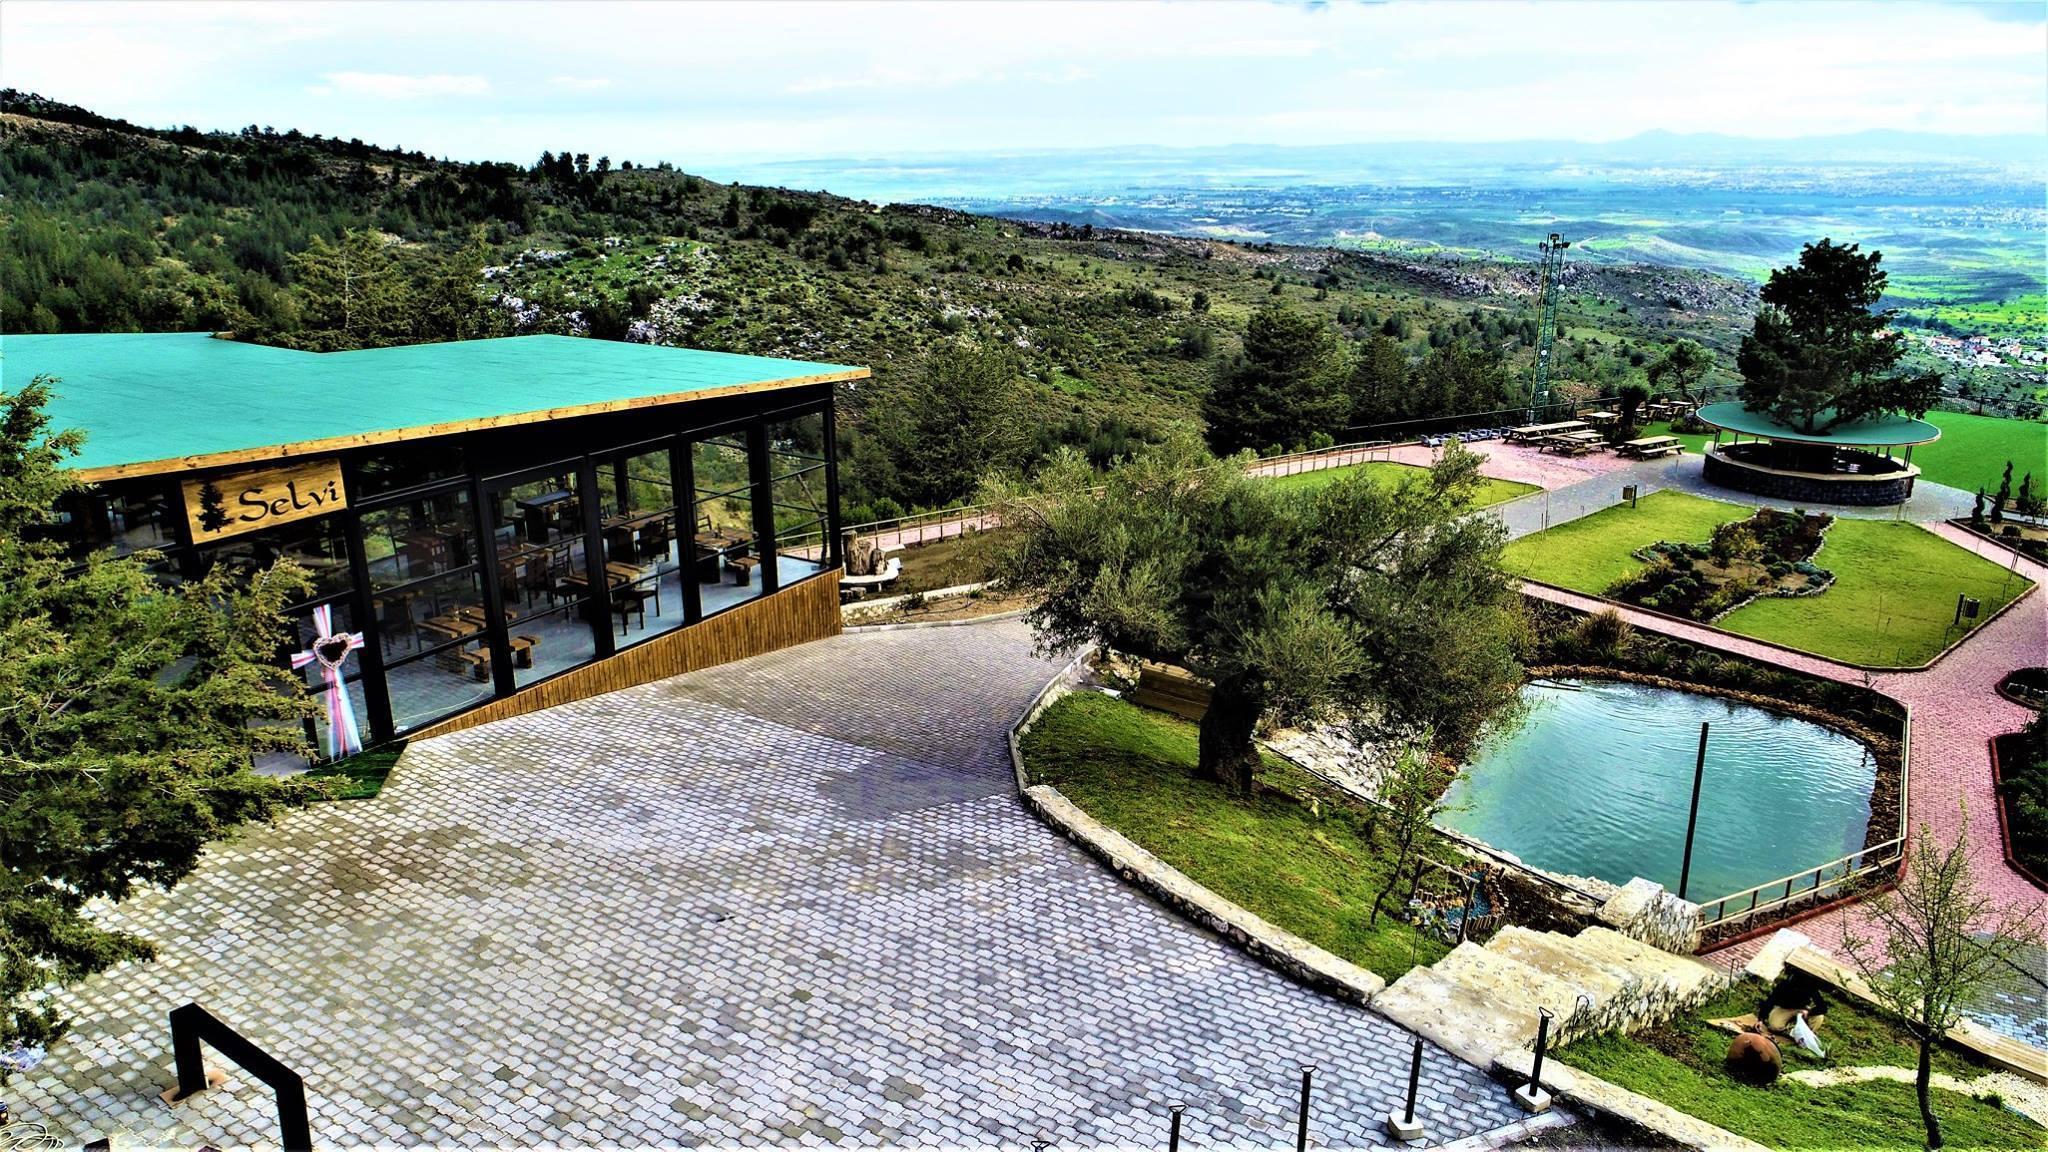 Благотворительно мероприятие в Taşkent Doğa Parkı